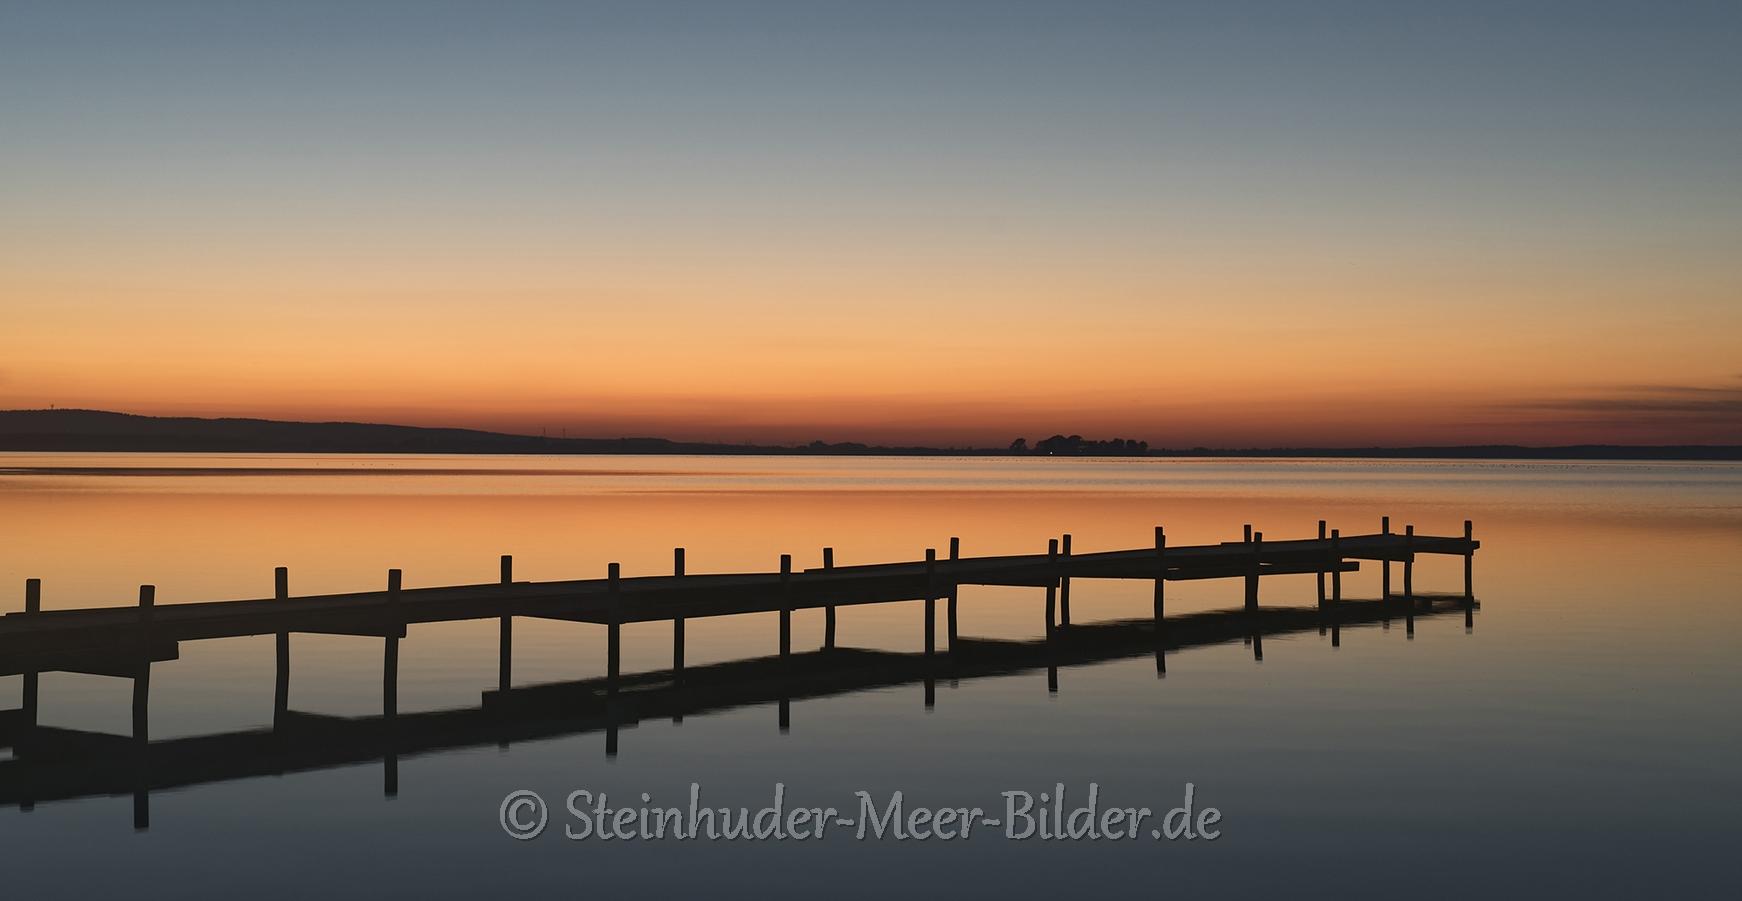 Abendrot-Steg-Bootssteg-Sonnenuntergang-Abendhimmel-Daemmerung-Abendstimmung-Abendlicht-Steinhuder Meer-A_NIK8500a Kopie